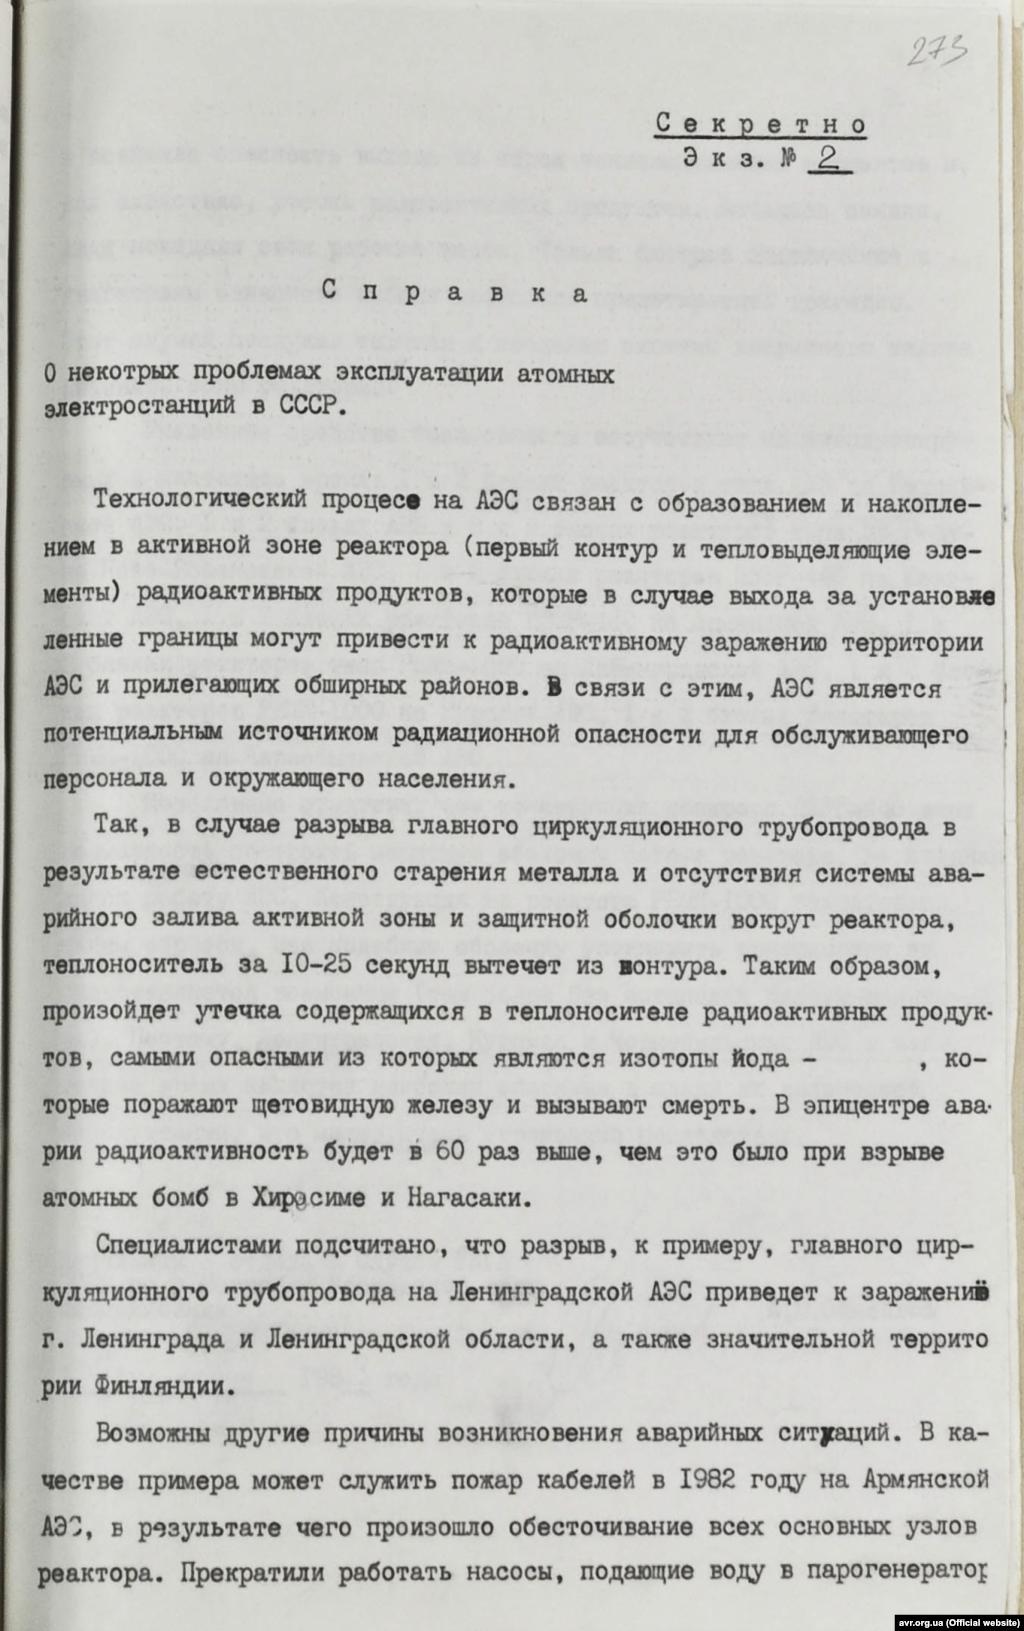 Про деякі проблеми експлуатації АЕС в СРСР (стор. 1)